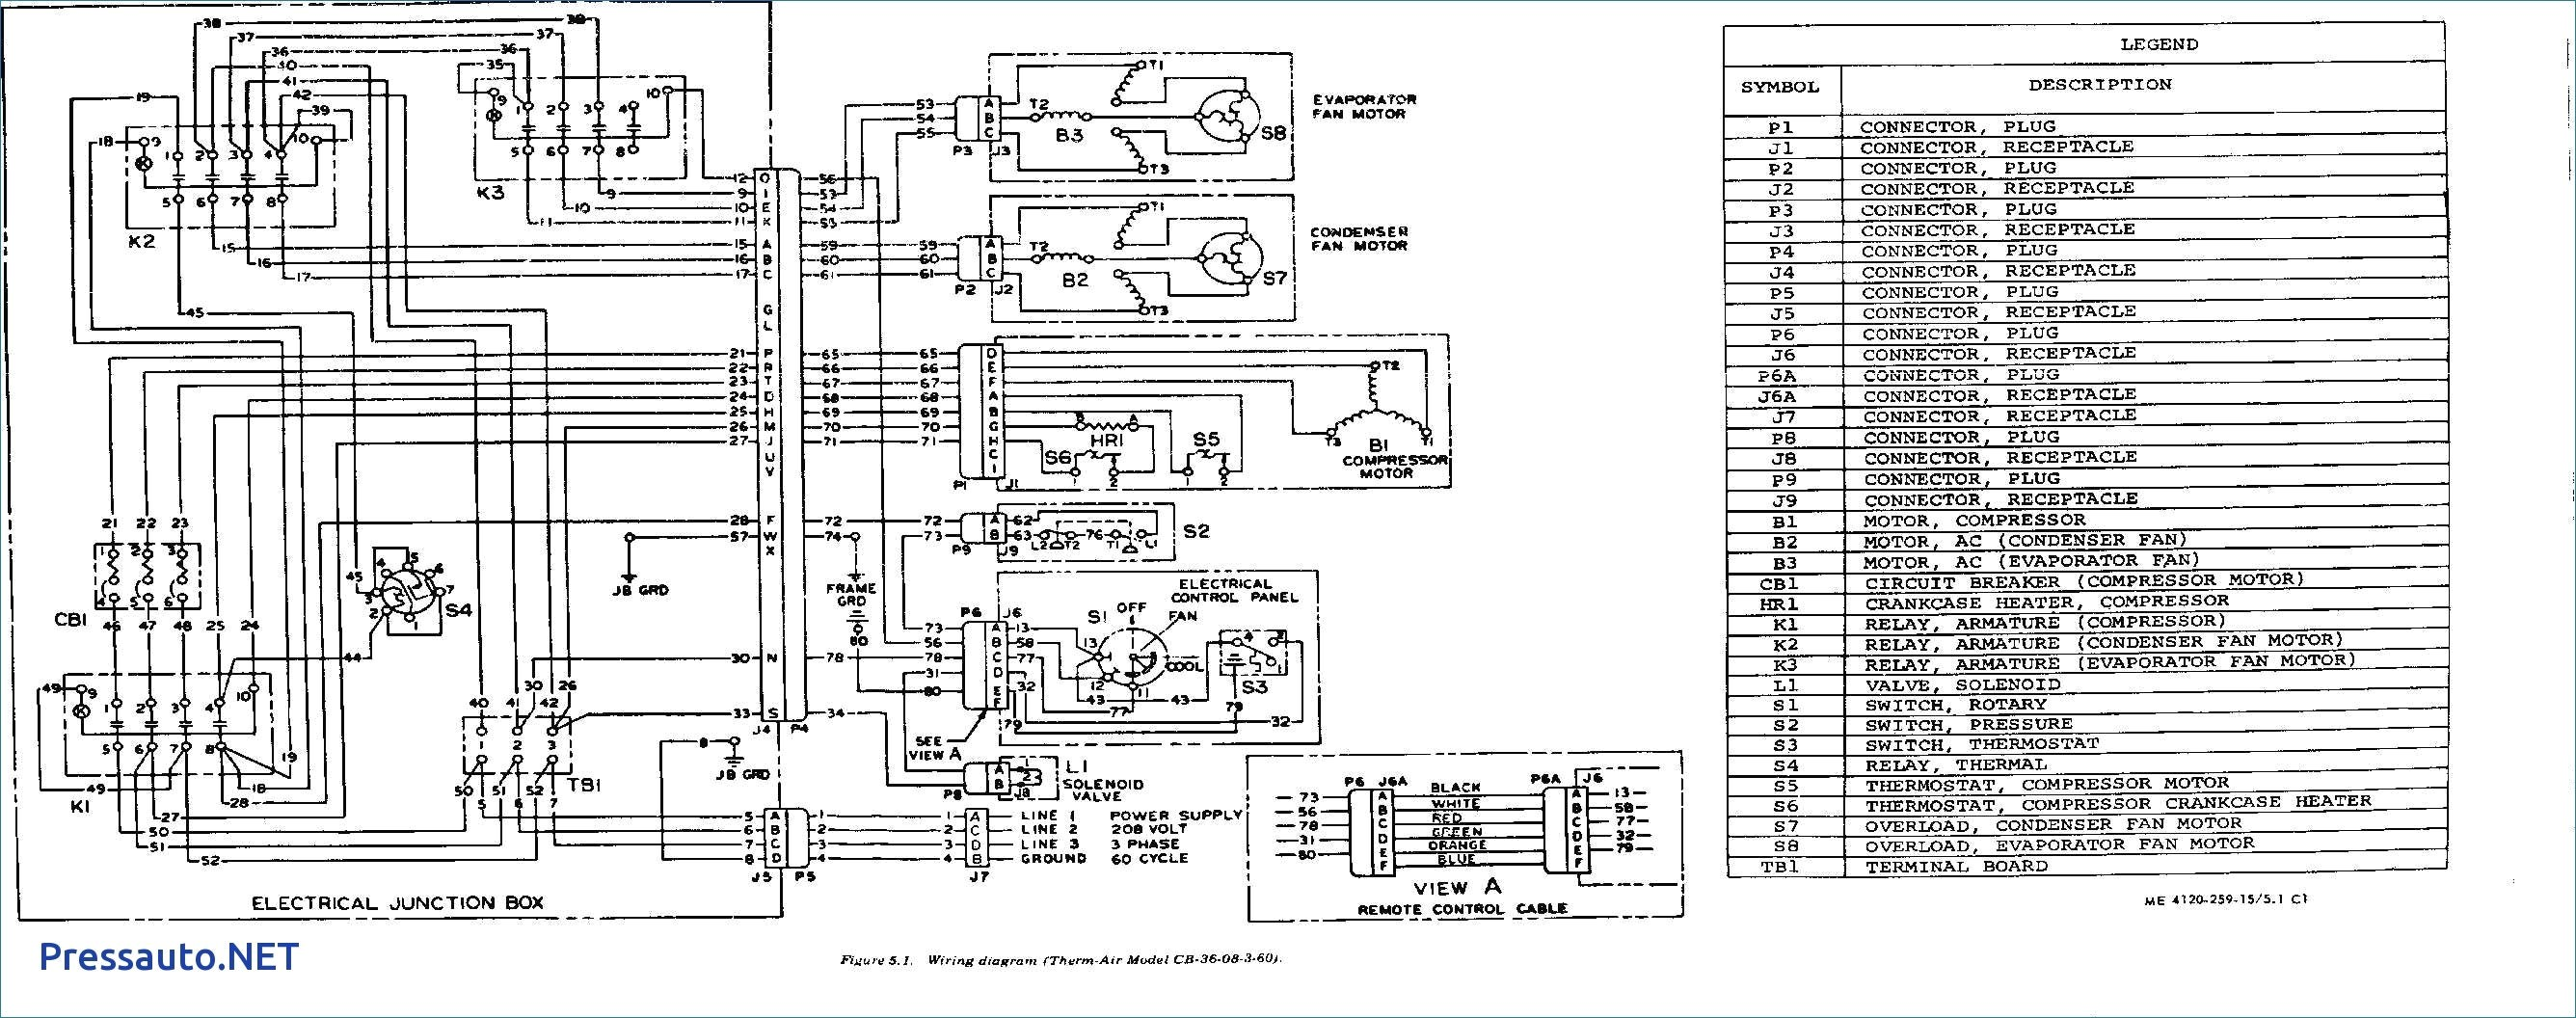 Trane Hvac Wiring Diagrams Schematics Lovely Diagram